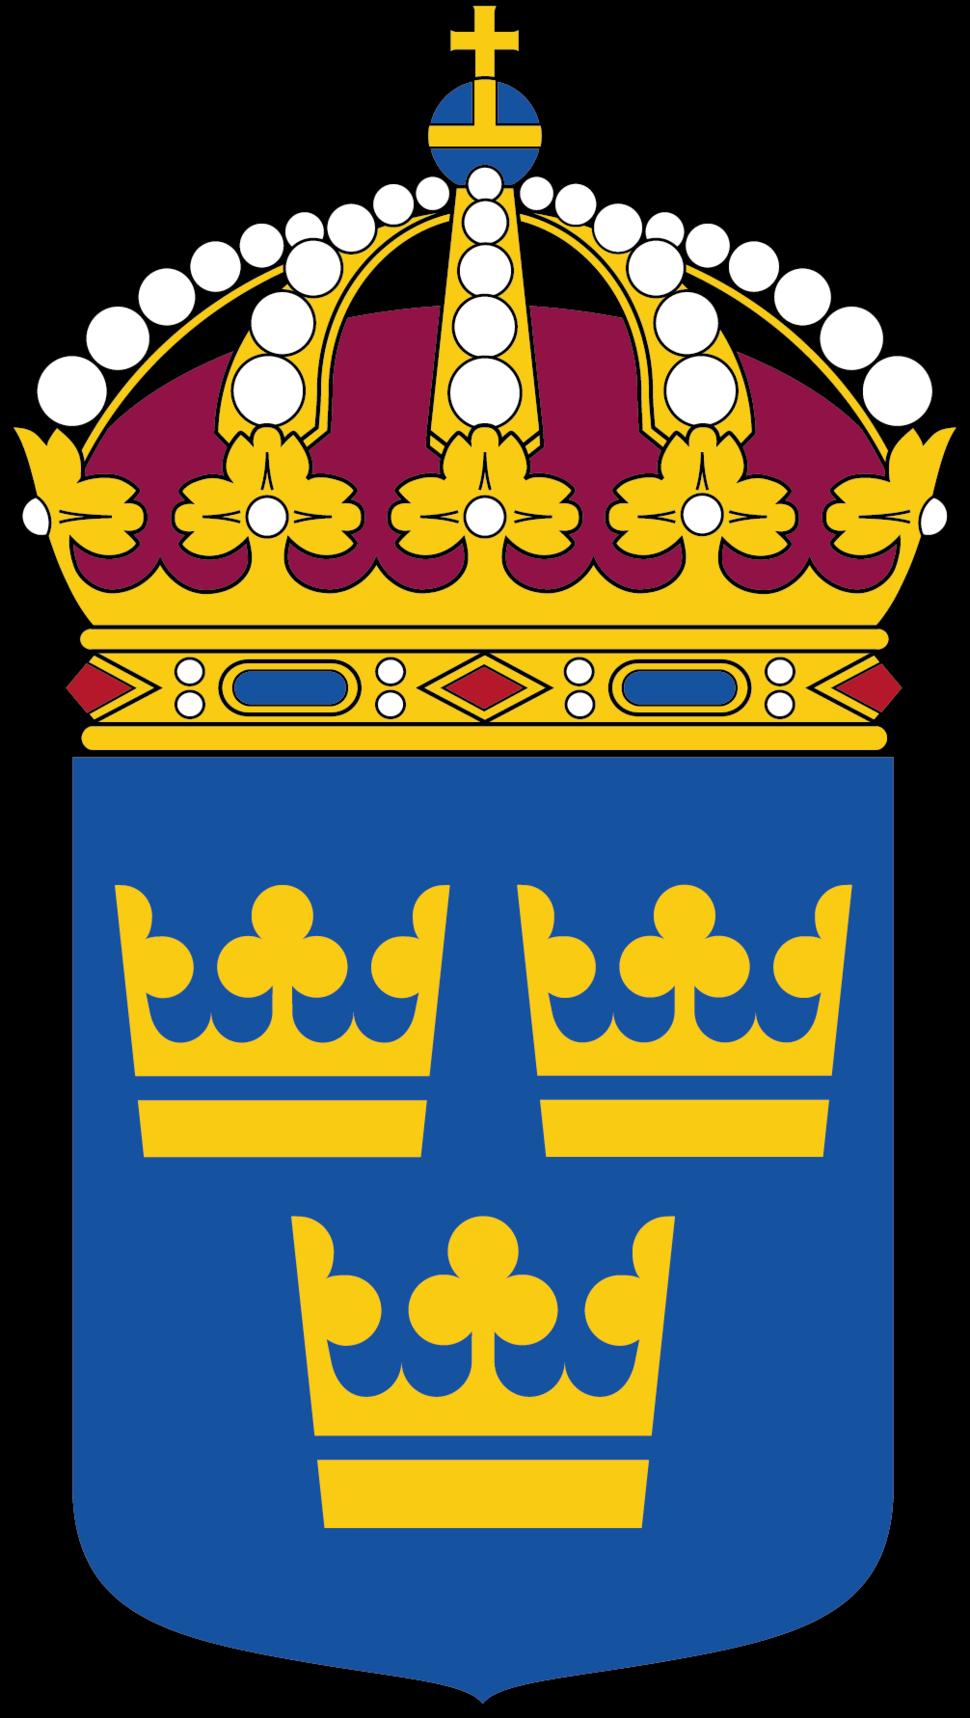 Lilla riksvapnet - Riksarkivet Sverige